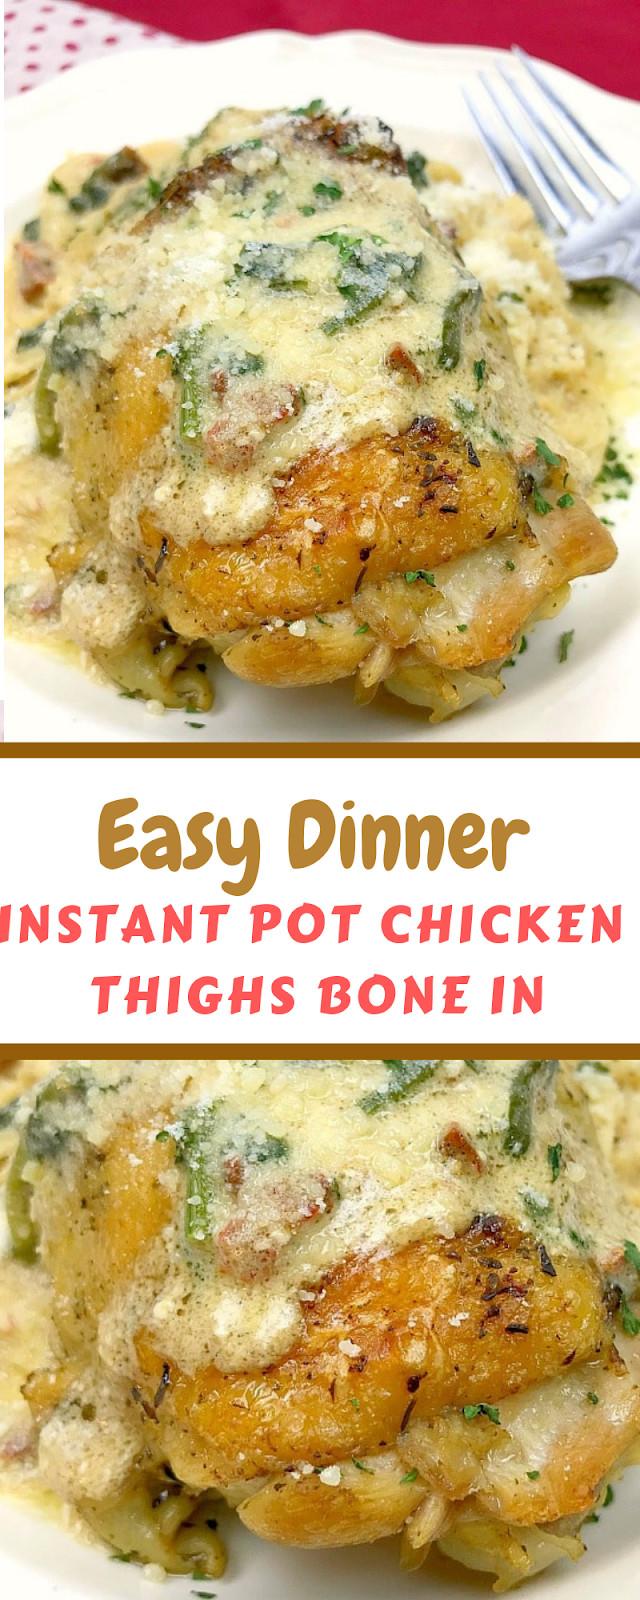 Bone In Chicken Thighs Instant Pot Keto  INSTANT POT CHICKEN THIGHS BONE IN